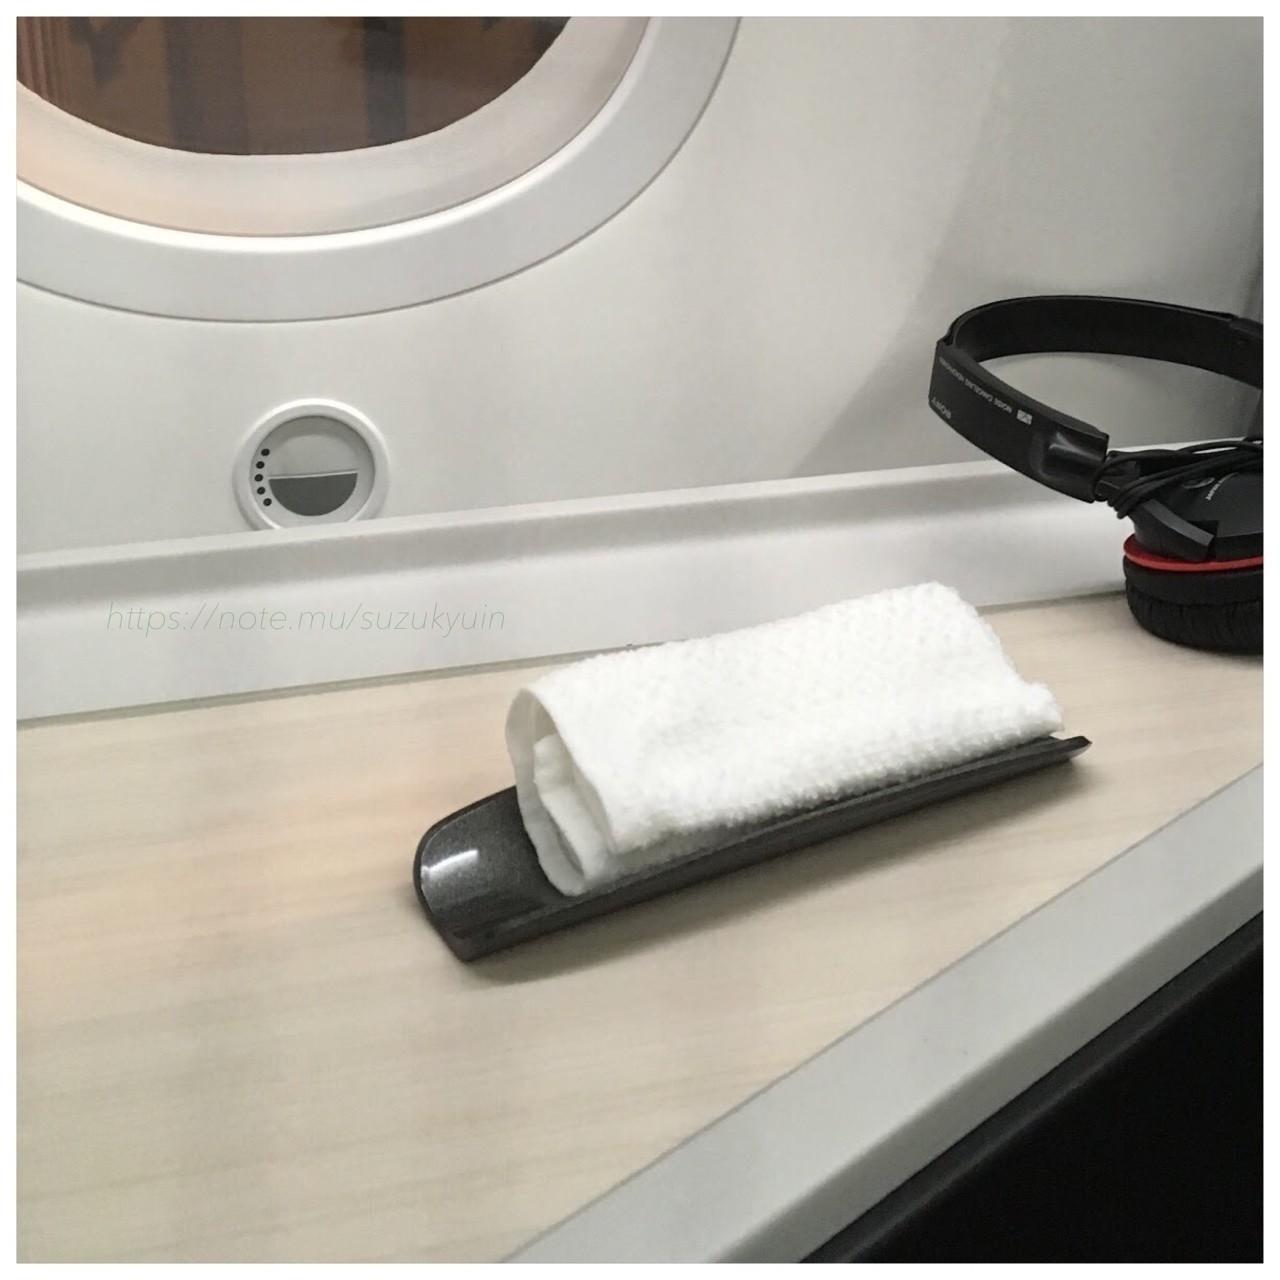 JALのビジネスクラスではウェルカムドリンクを意地でも出さないかわりに、何故かおしぼり配ります。ずいぶんと的外れな「お・も・て・な・し」感覚。